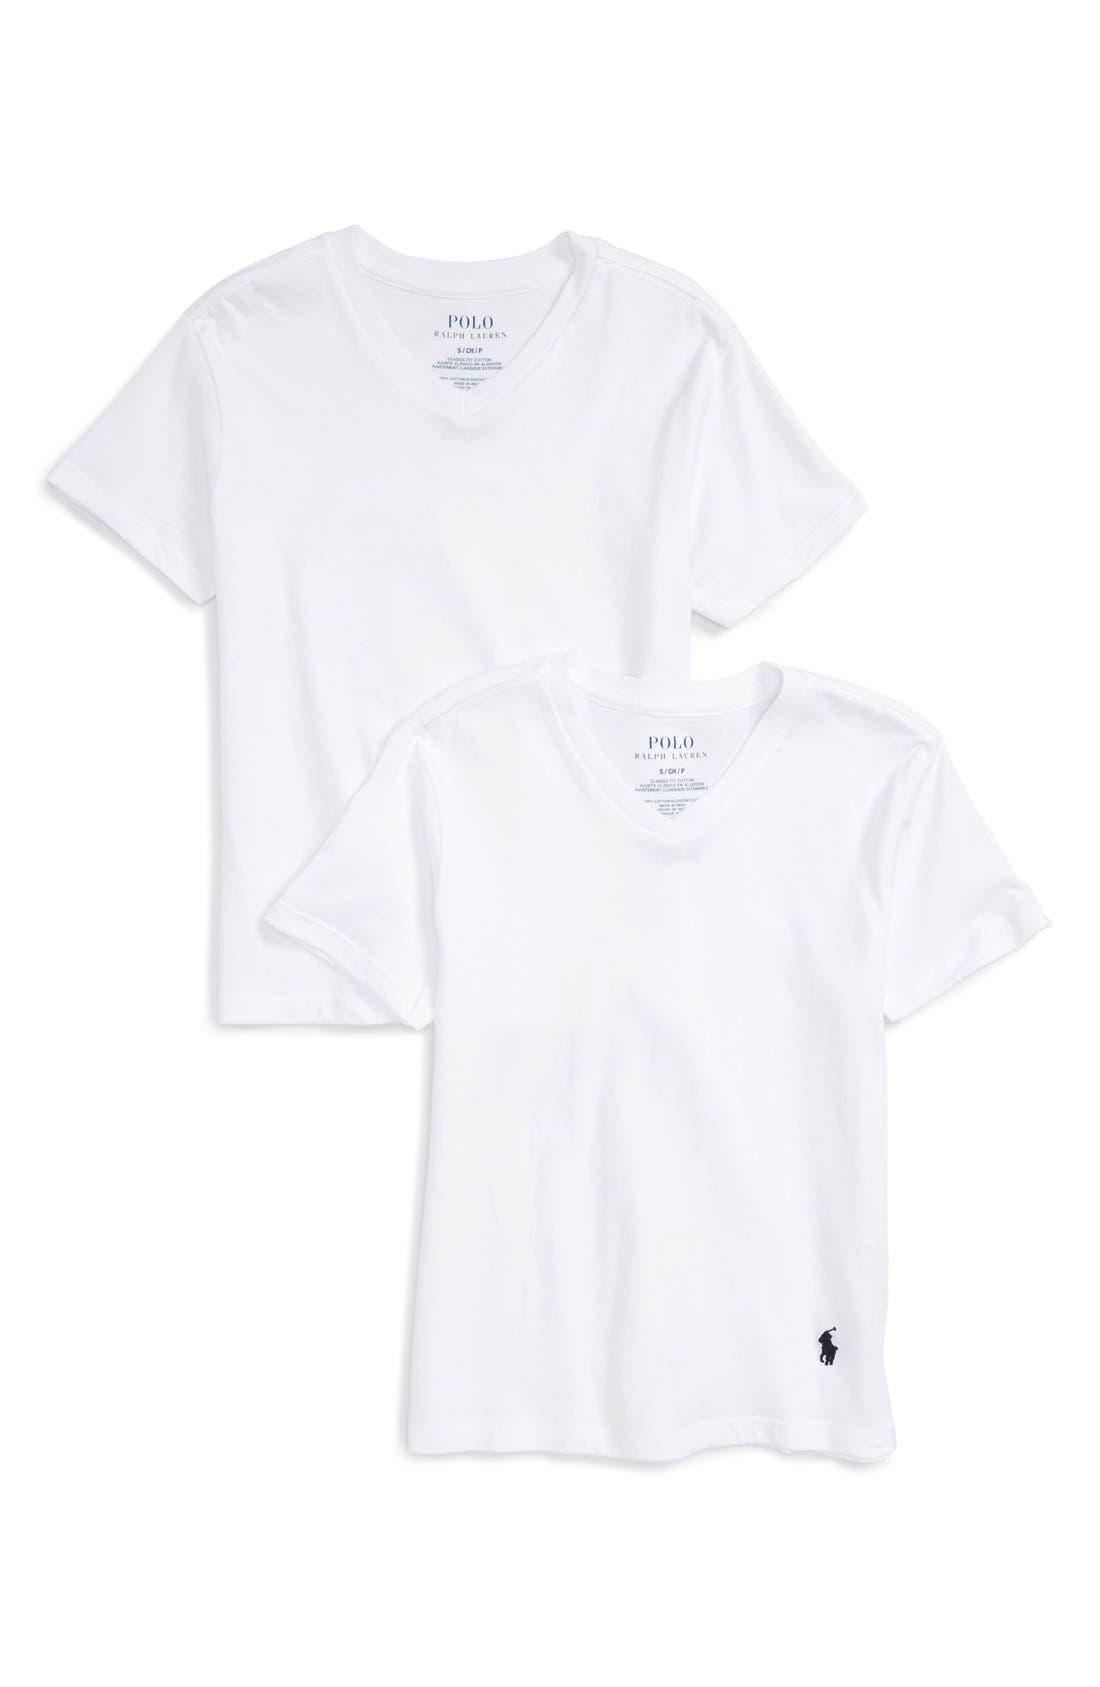 POLO RALPH LAUREN V-Neck T-Shirts, Main, color, 100